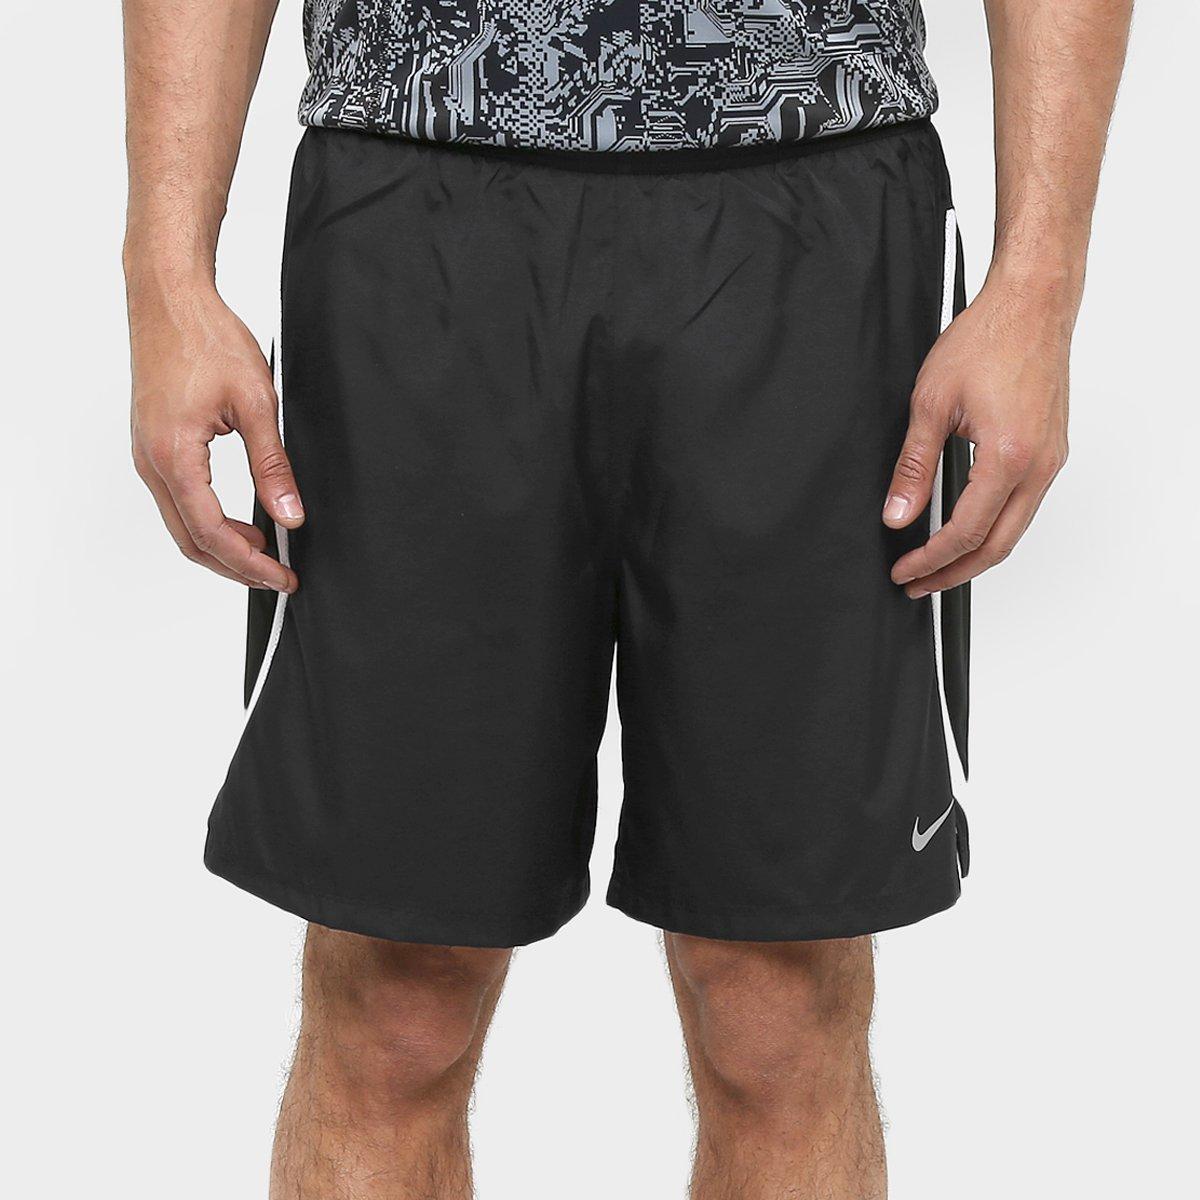 7972c40610 Bermuda Nike Dri-Fit 7 Challenger 2 Em 1 Masculina